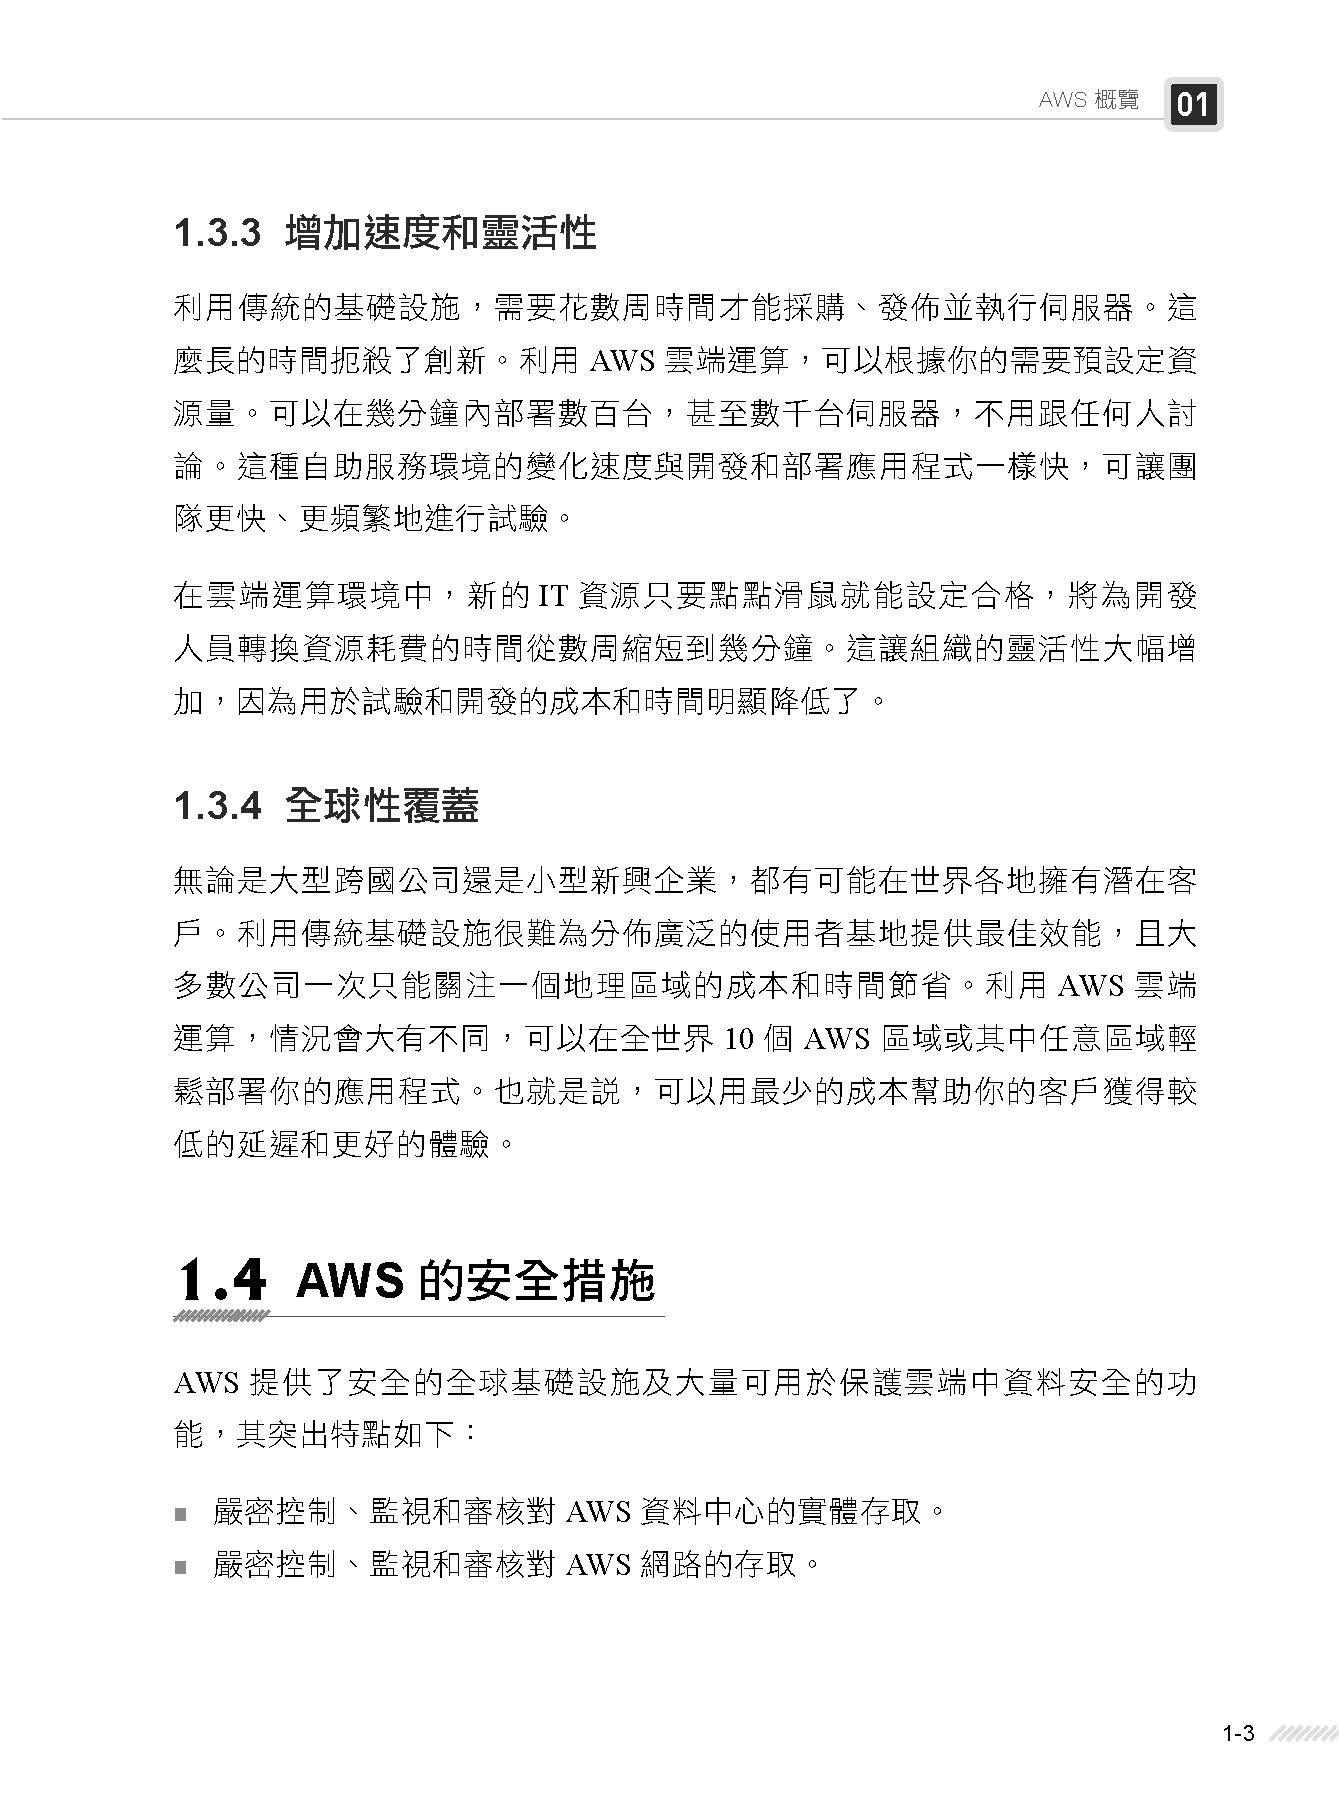 用世界第一的服務:AWS 雲端平台把玩書 -preview-5